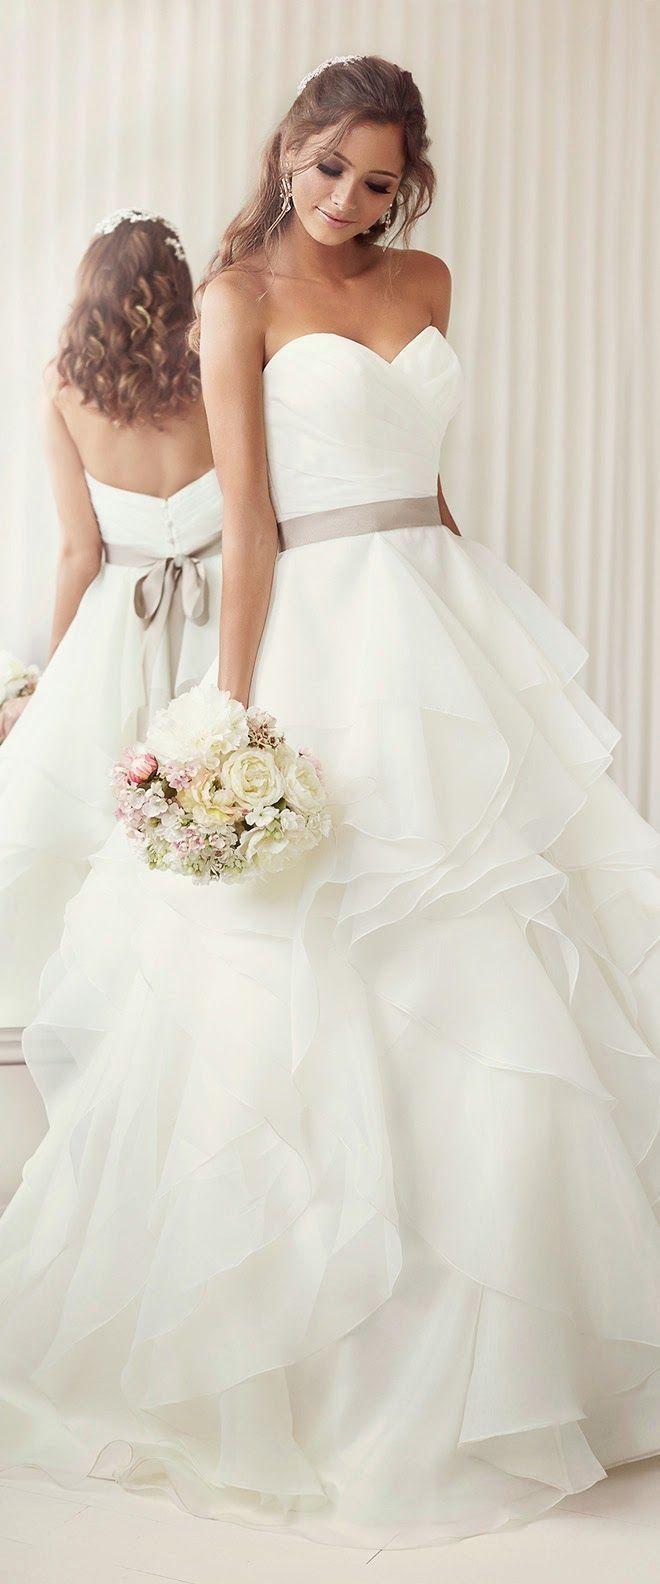 Beauteous evening gownsshort evening gown bb wedding